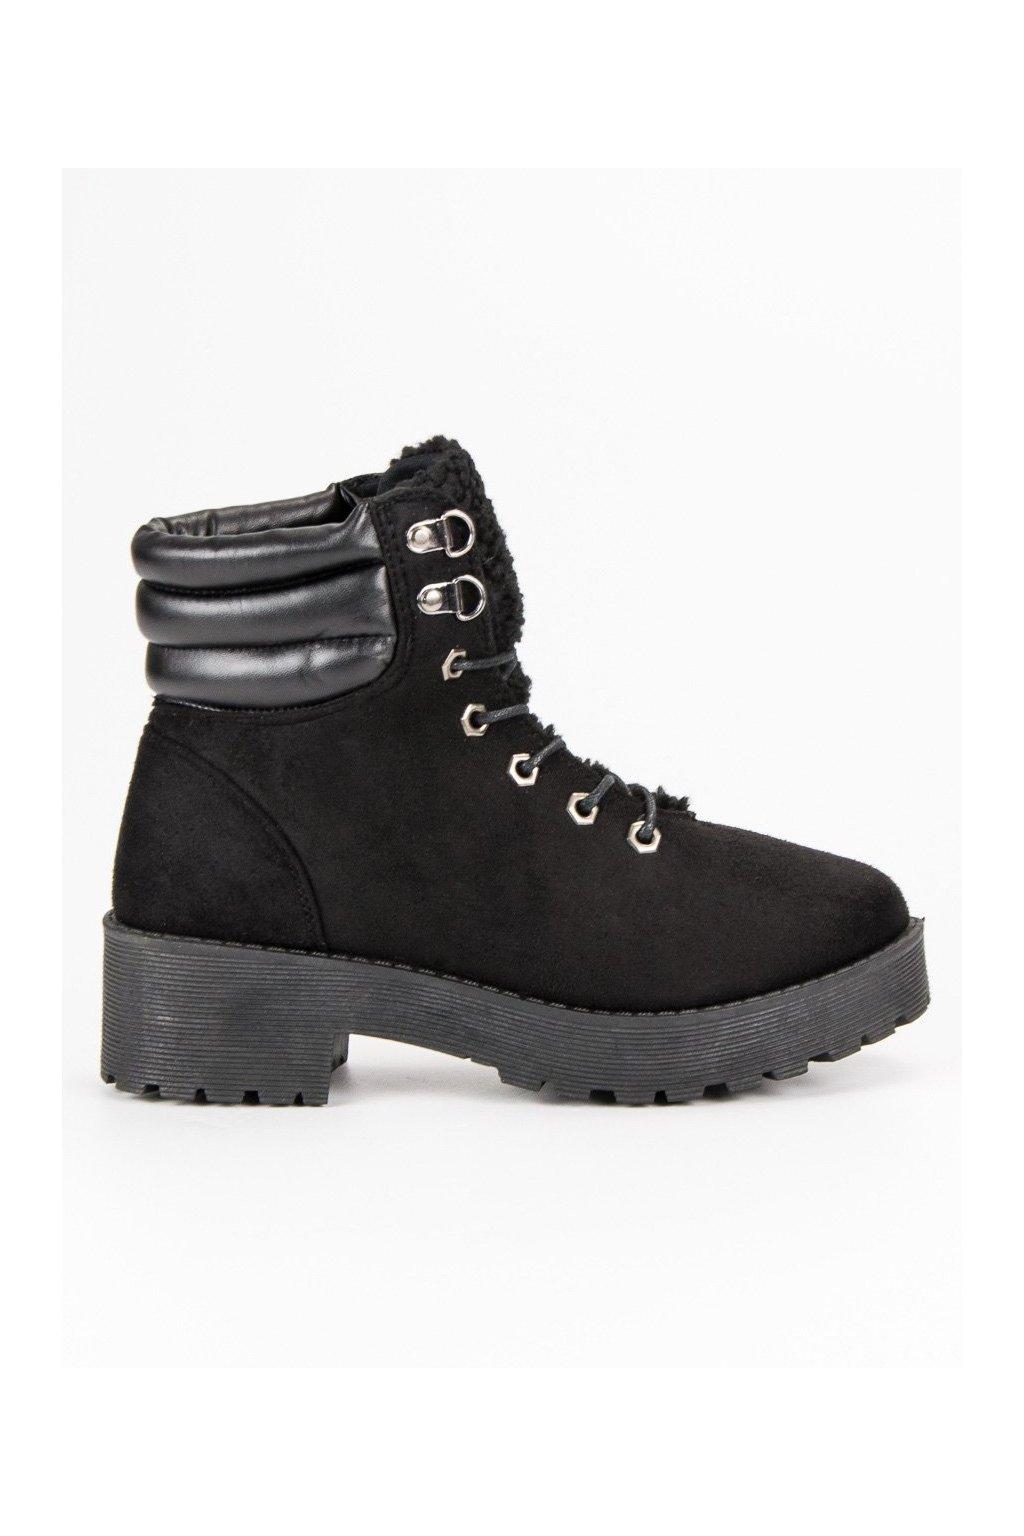 Dámske topánky na zimu semišové trapery čierne  b8fb93b25ba